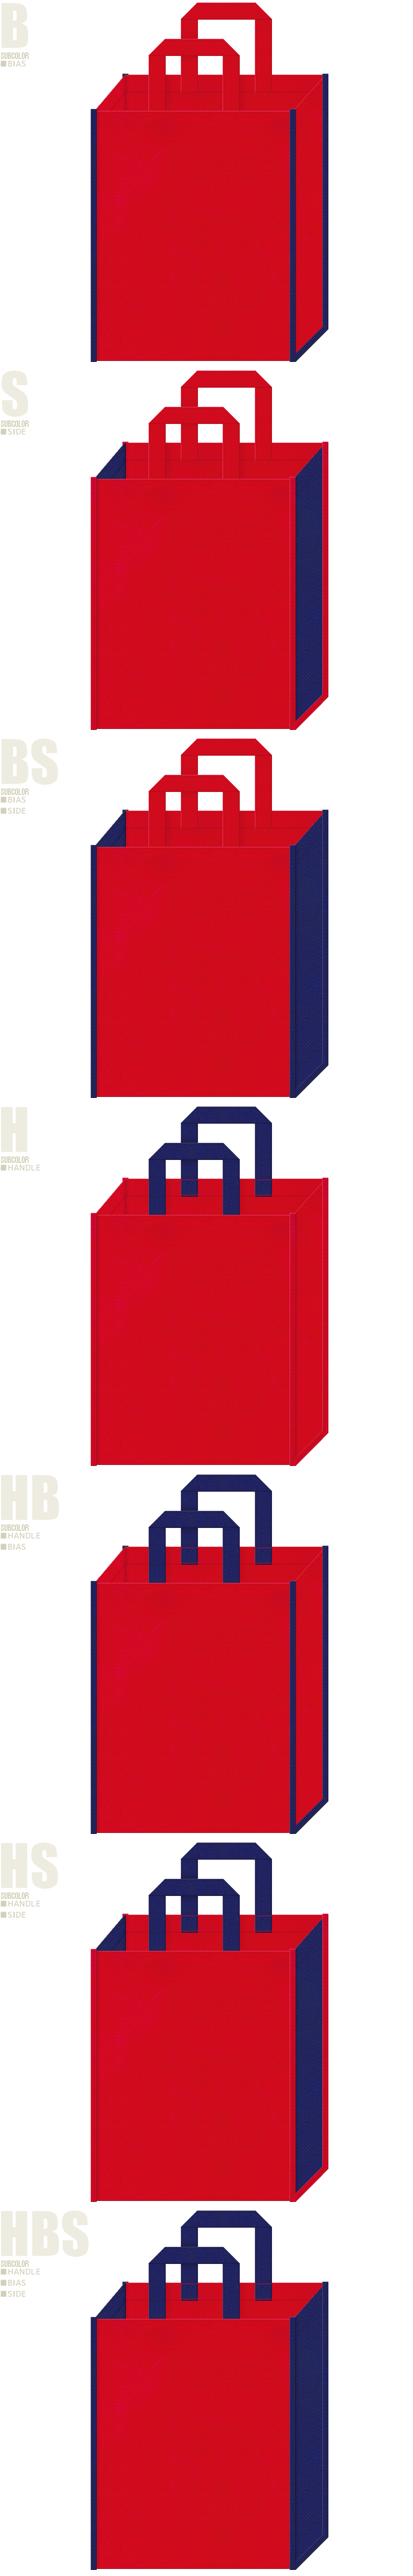 夏祭り・イギリス・フランス・アメリカ・星条旗のイメージにお奨めの不織布バッグのデザイン:紅色と明るい紺色の配色7パターン